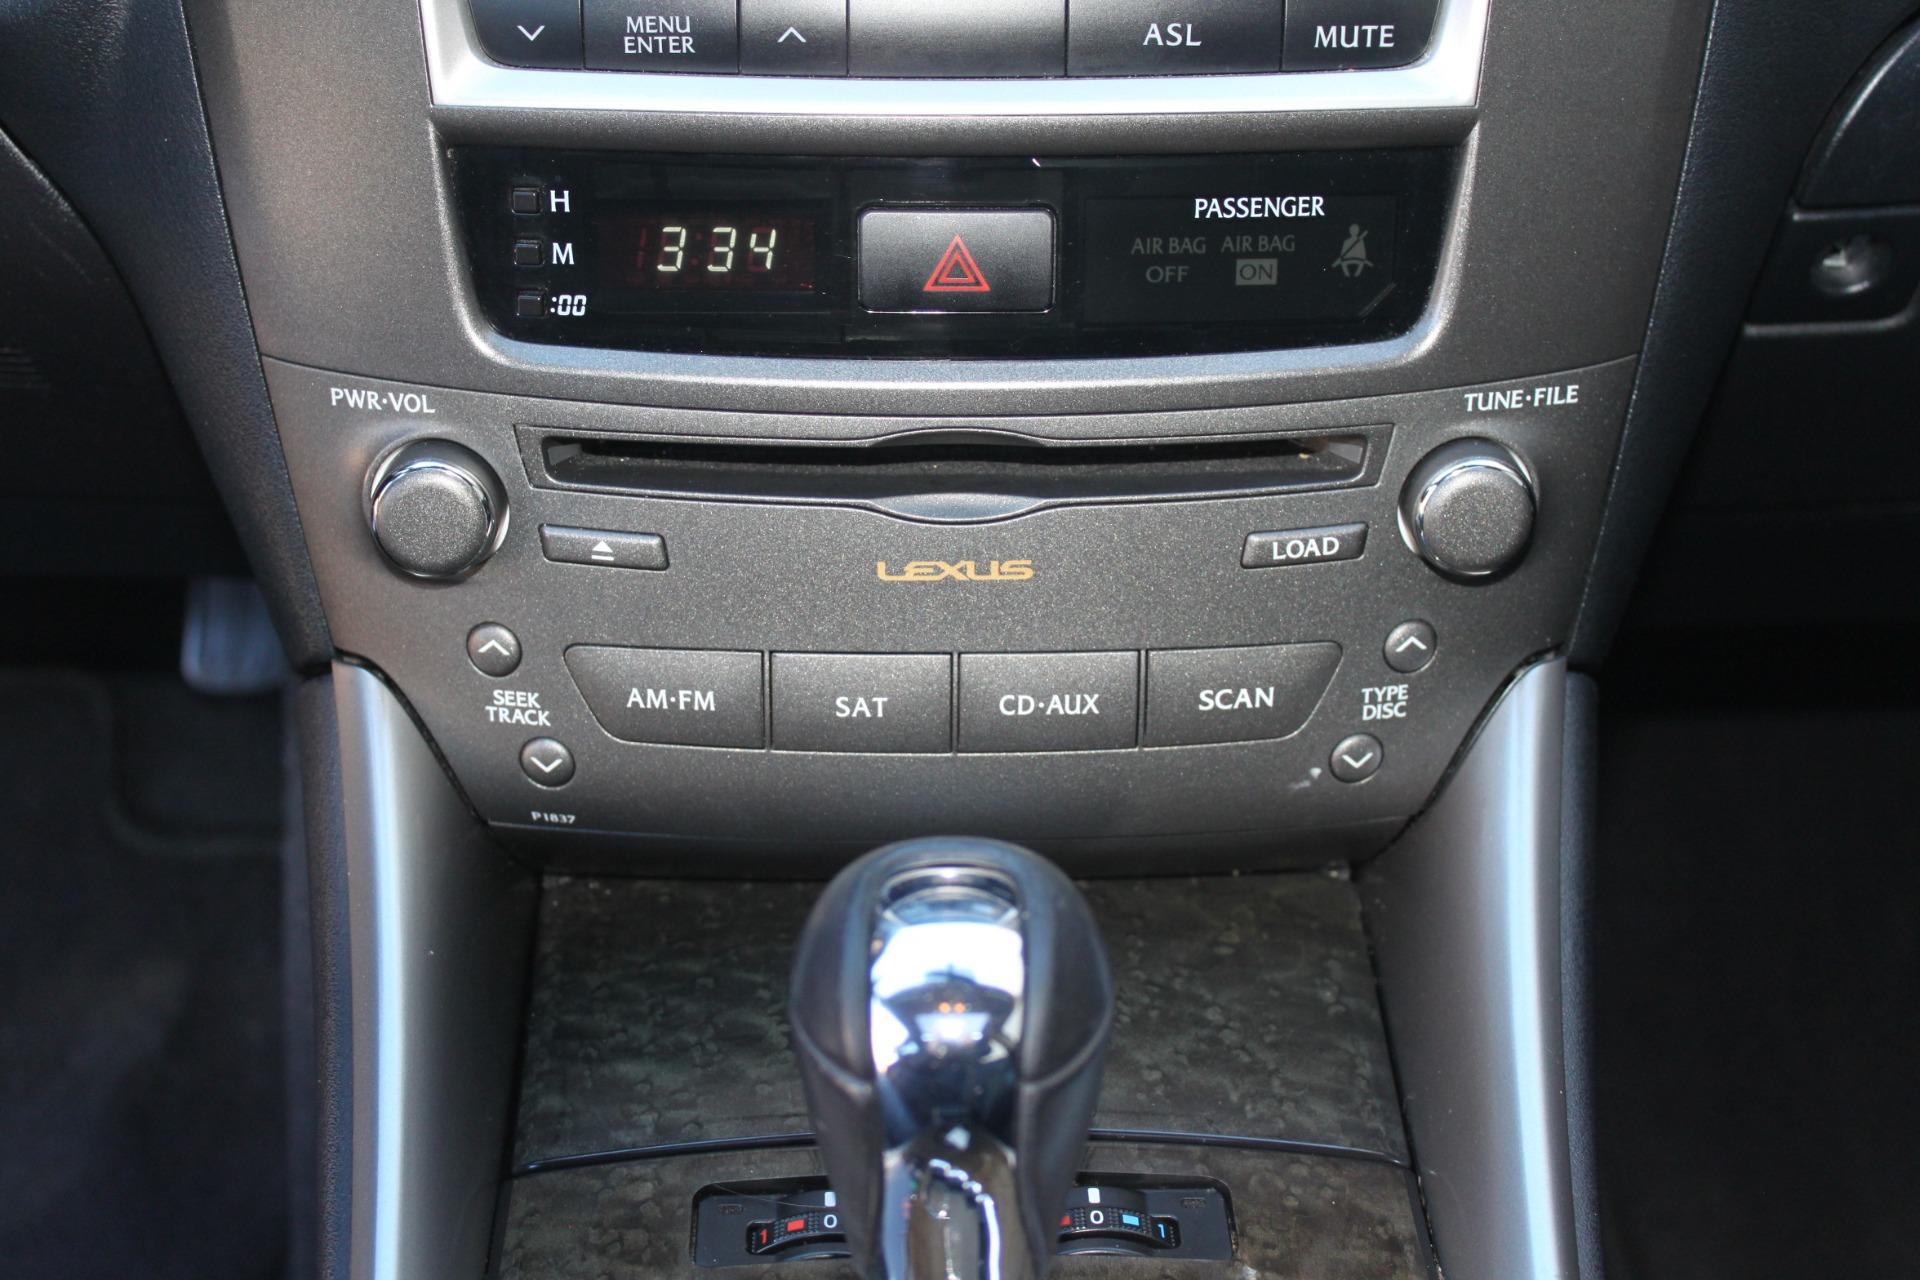 Used-2012-Lexus-IS-250-Range-Rover